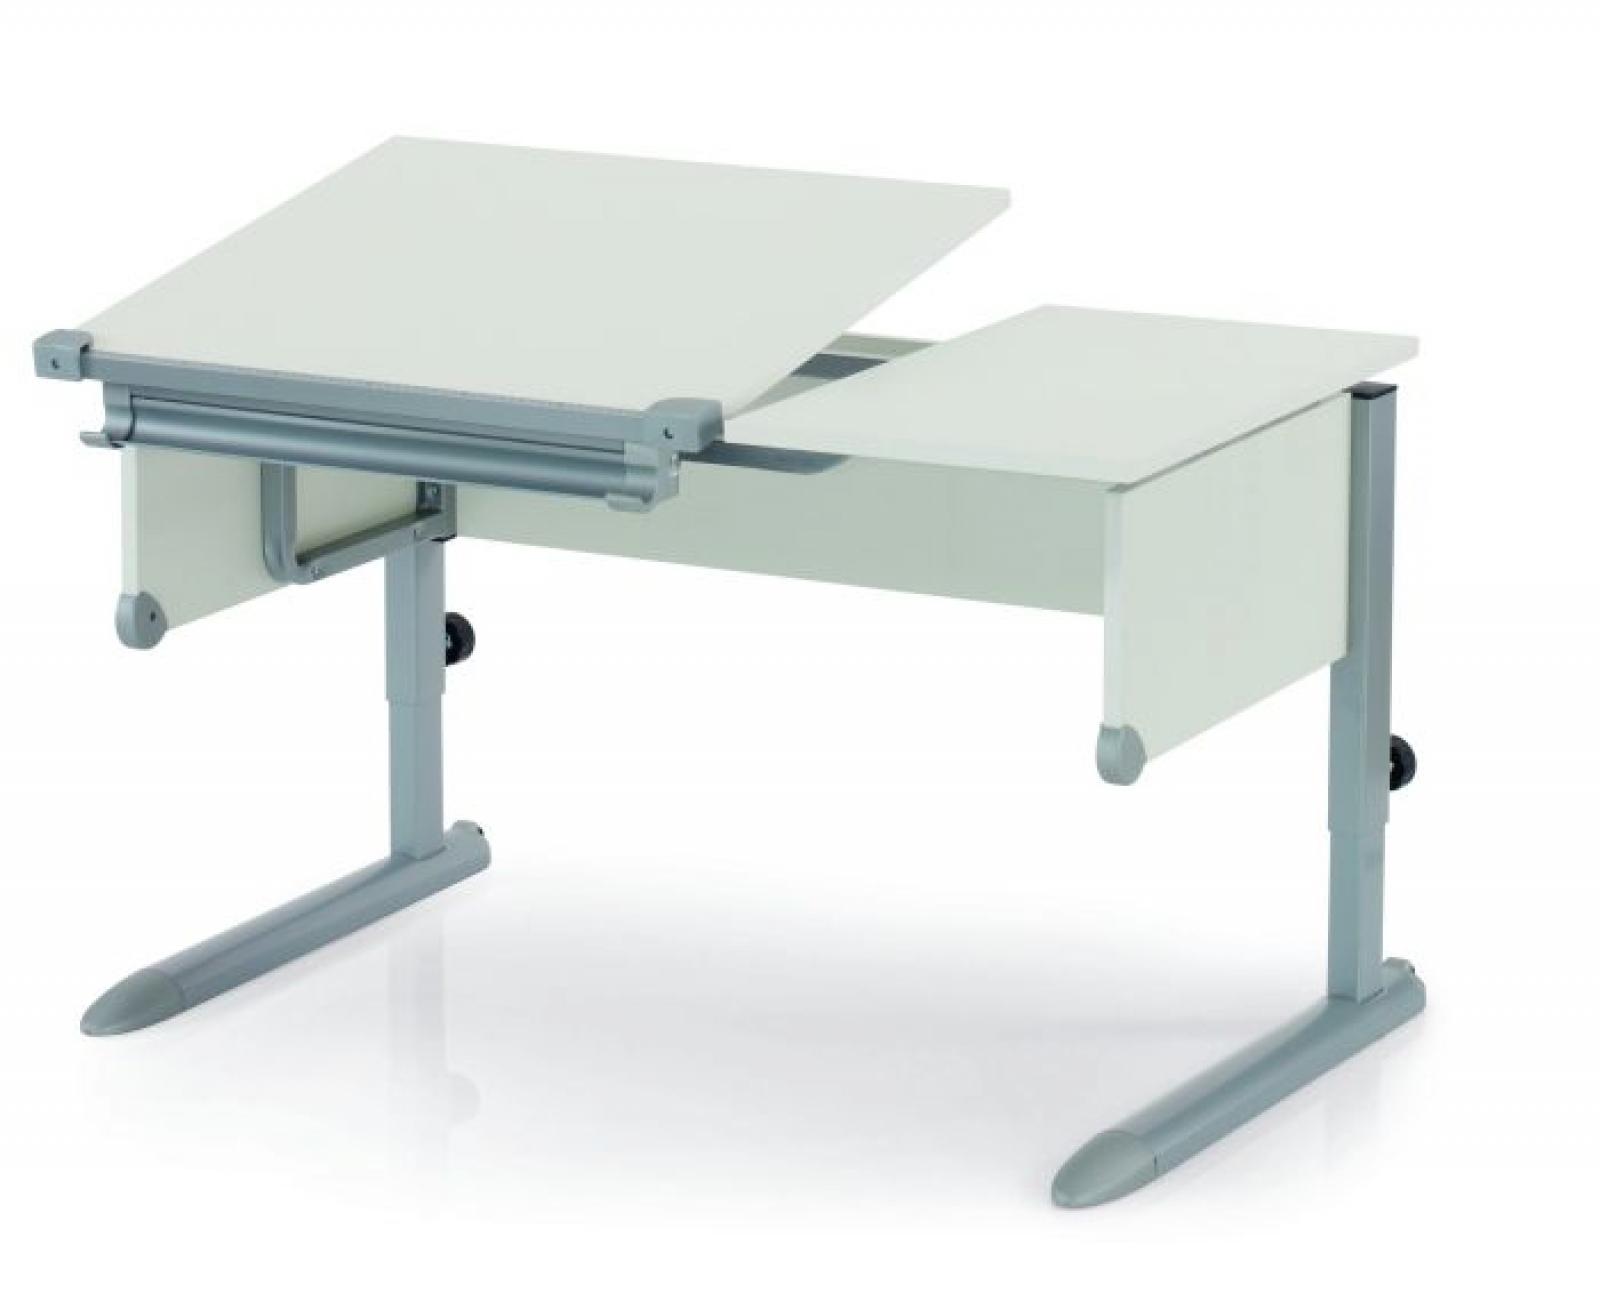 Kettler Schreibtisch Comfort Ii Weiß Silber